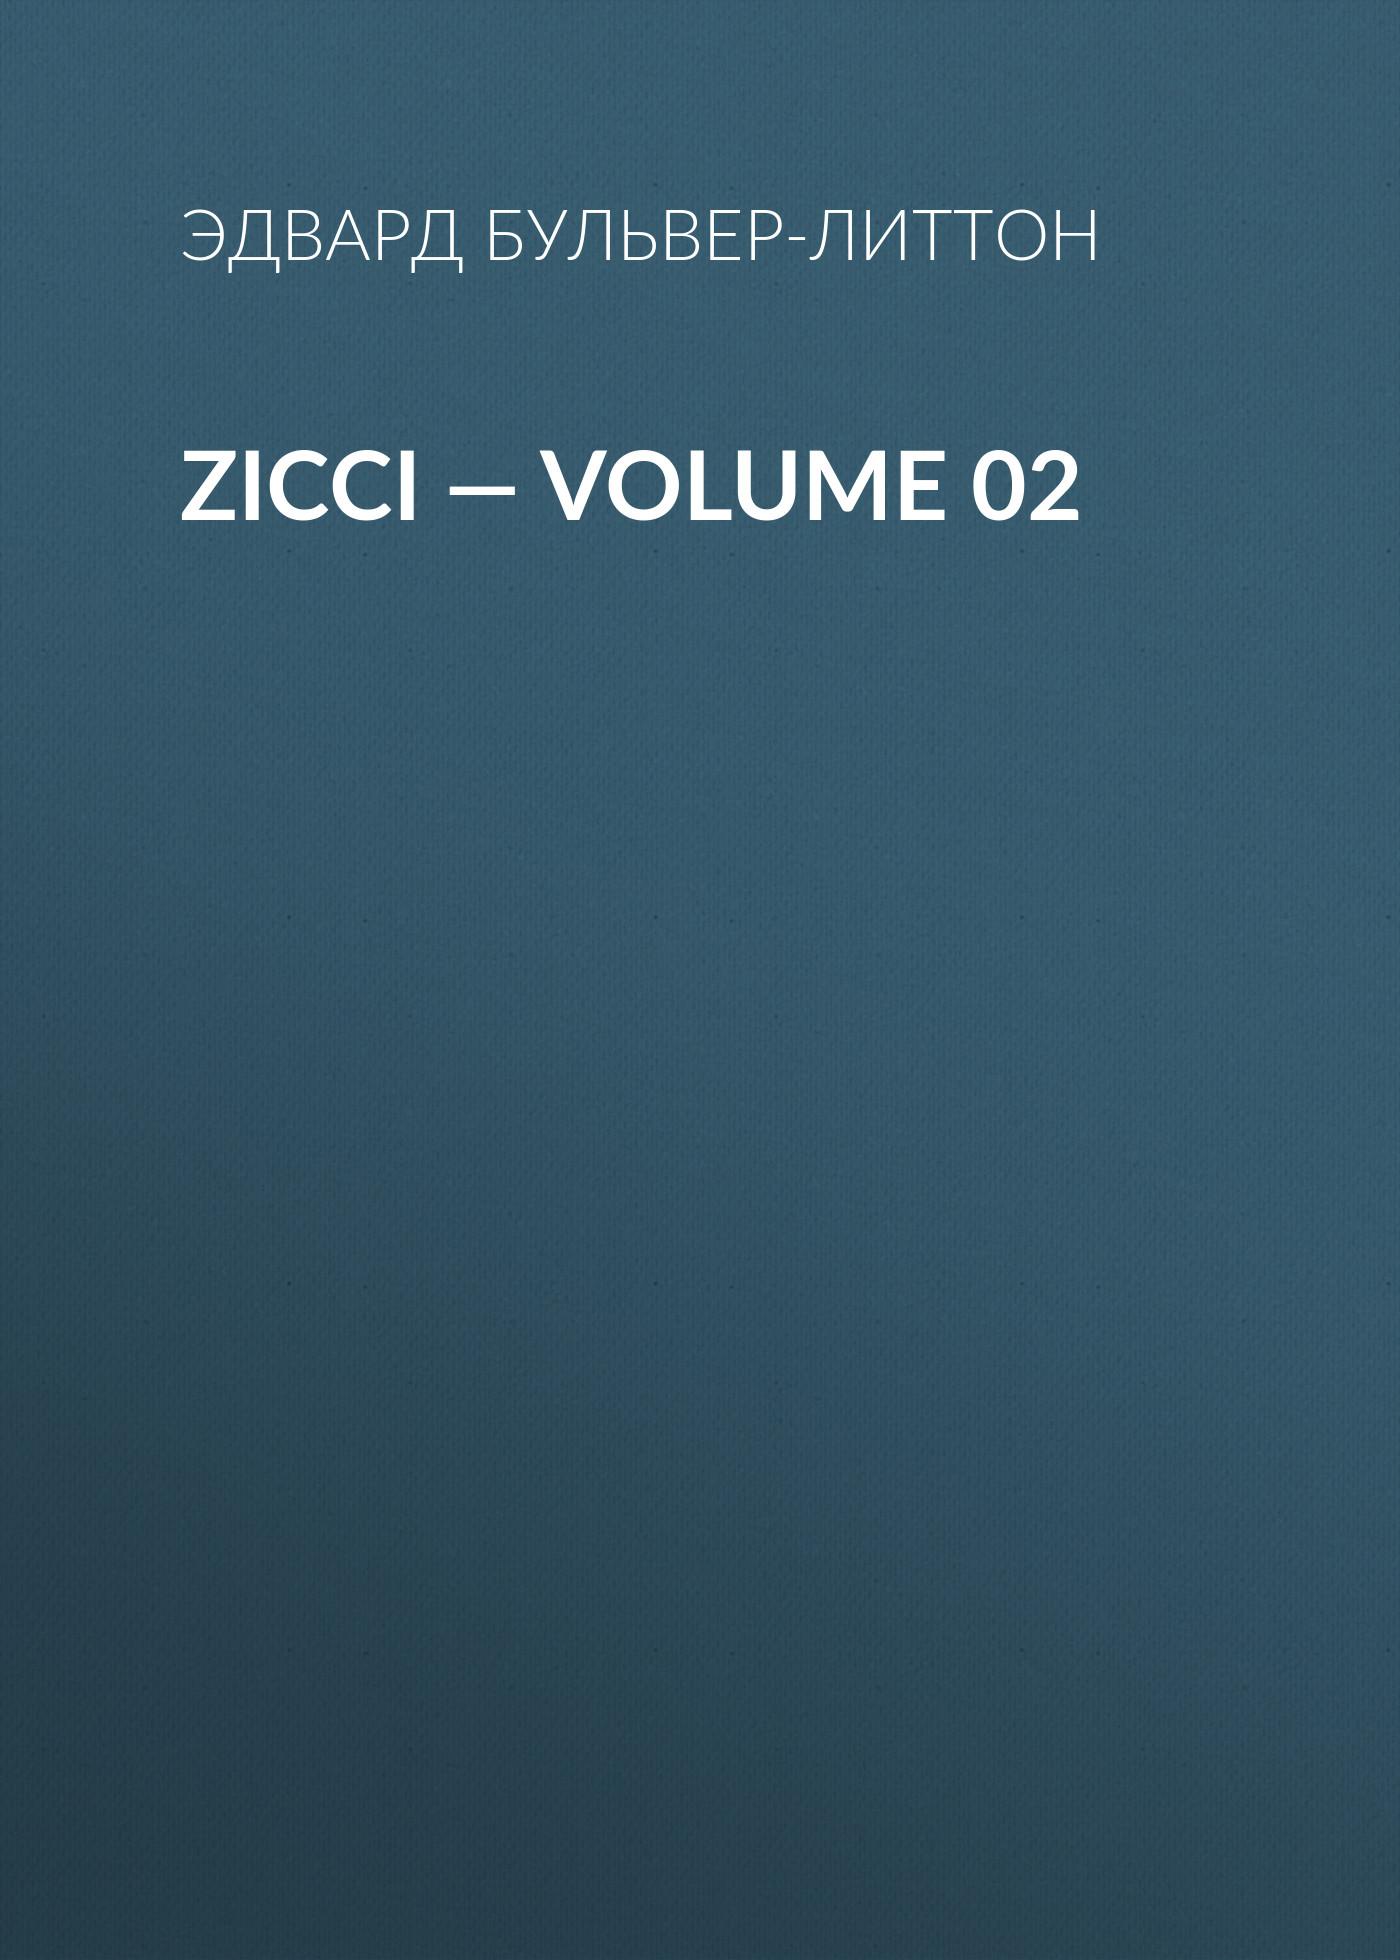 Zicci — Volume 02